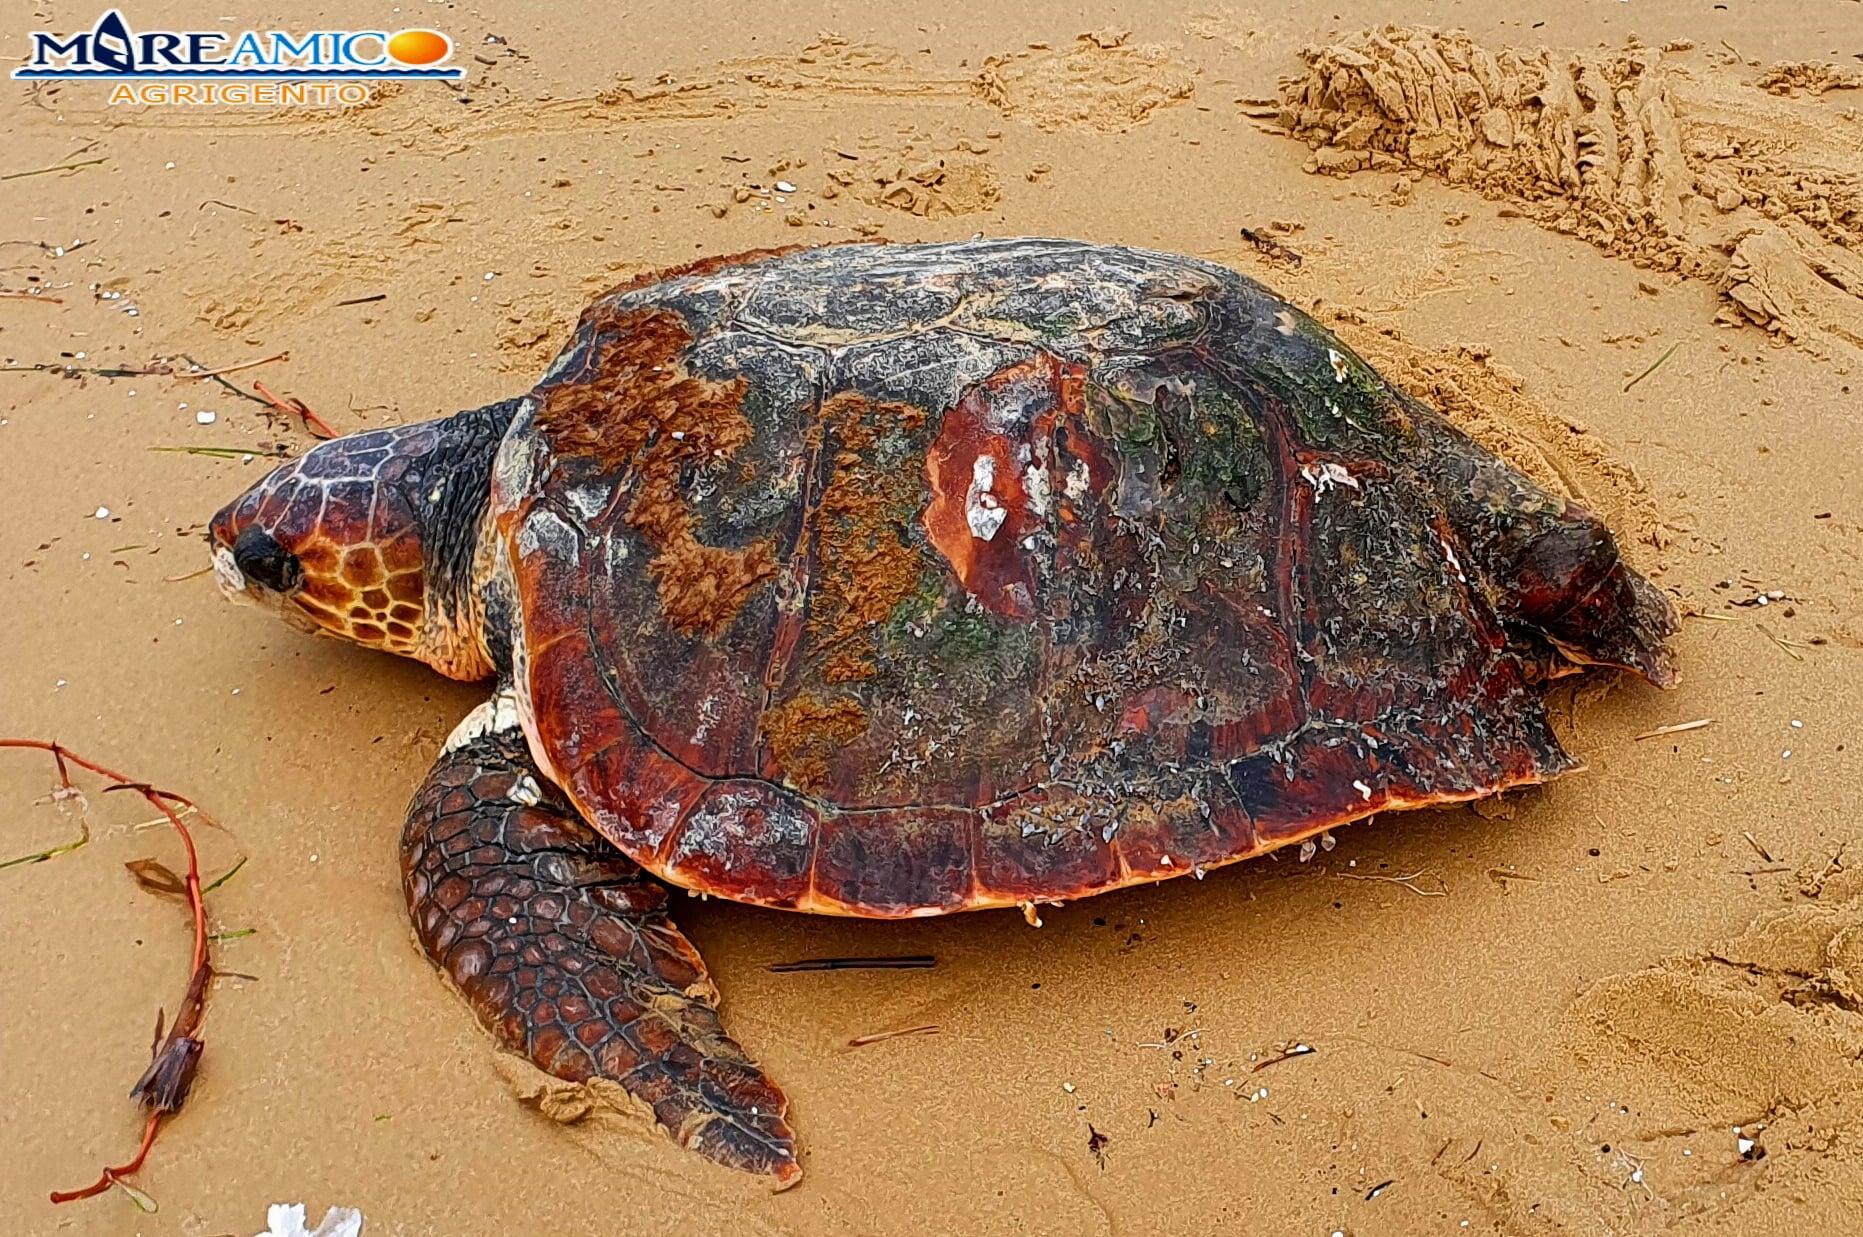 Agrigento, salvata da sicura morte una tartaruga caretta caretta – FOTO e VIDEO